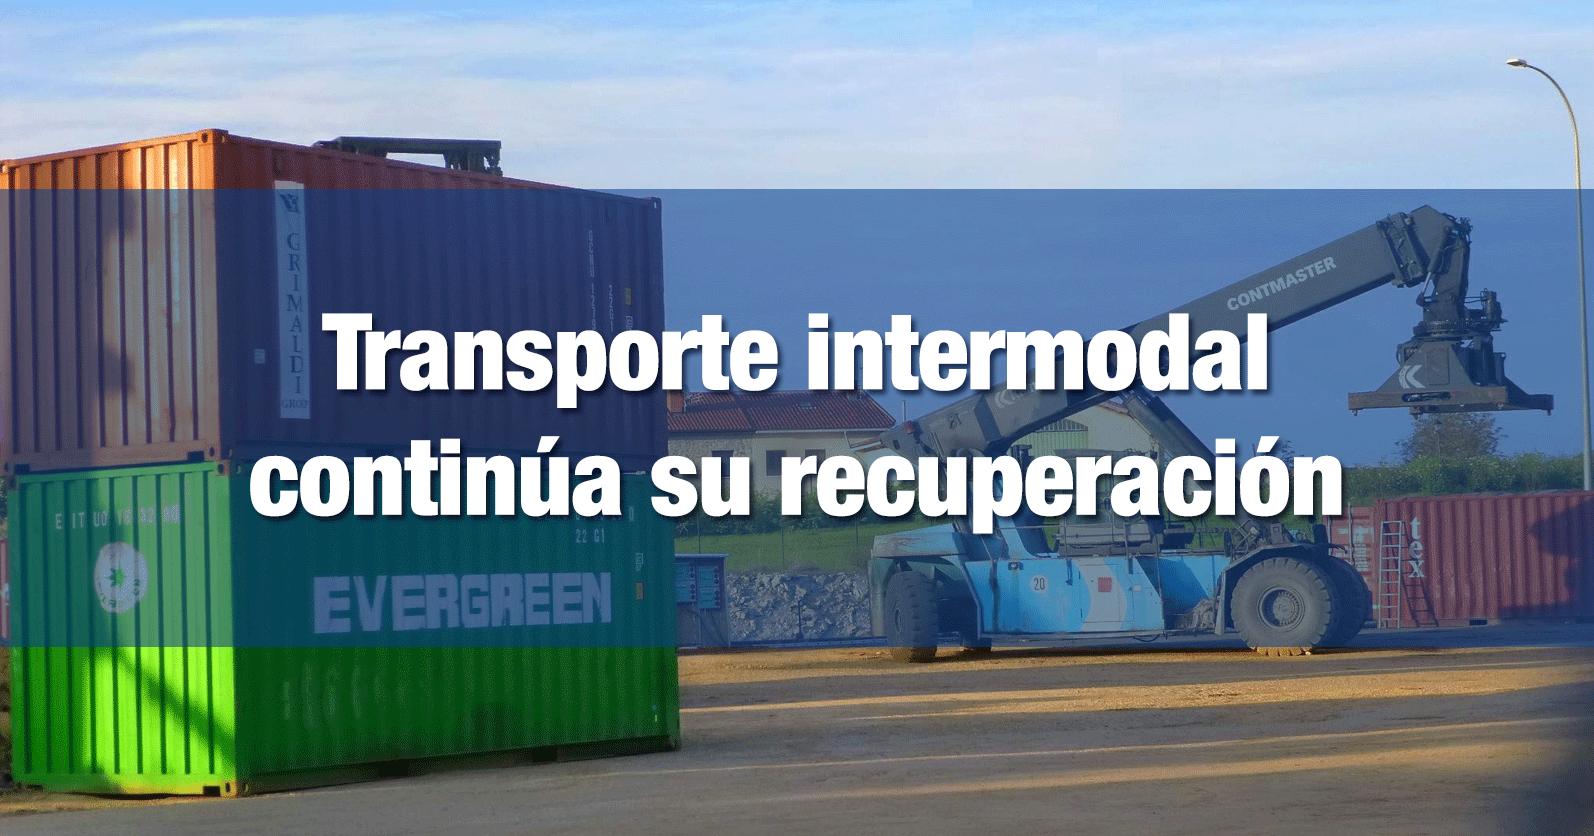 Transporte intermodal continúa su recuperación